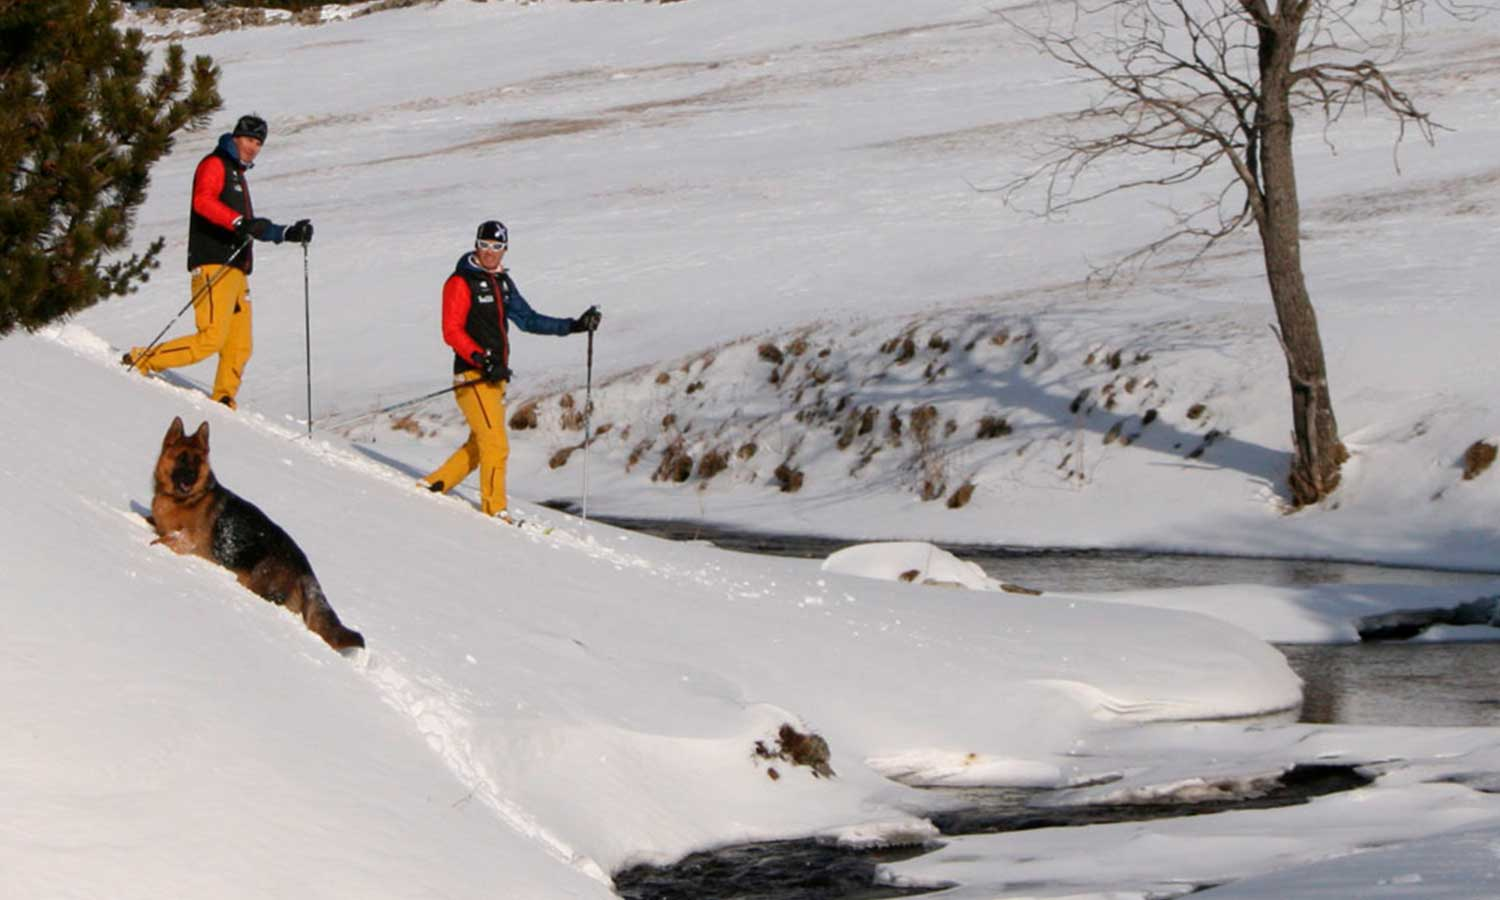 Hermitage Mountain Residences passeigs amb raquetes de neu